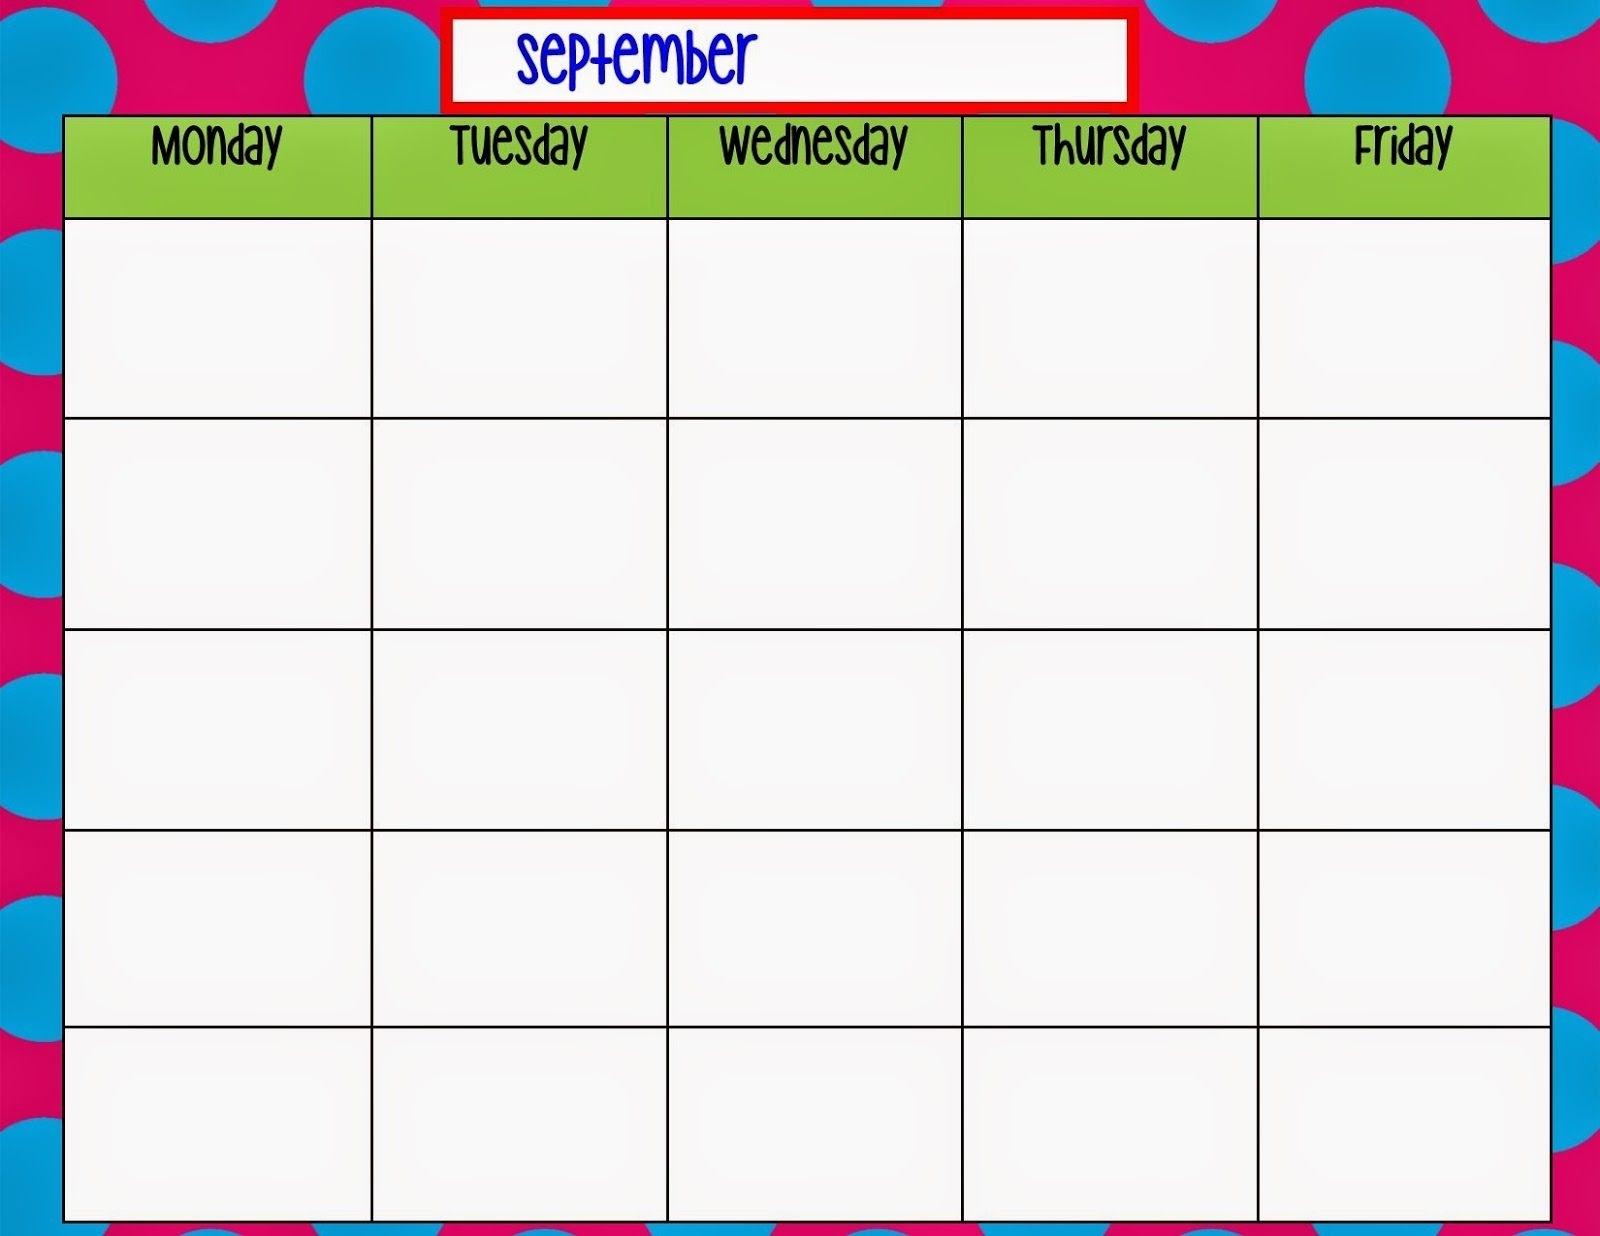 Monday Through Friday Calendar Template  </p>   </div>        <br>     <div class=